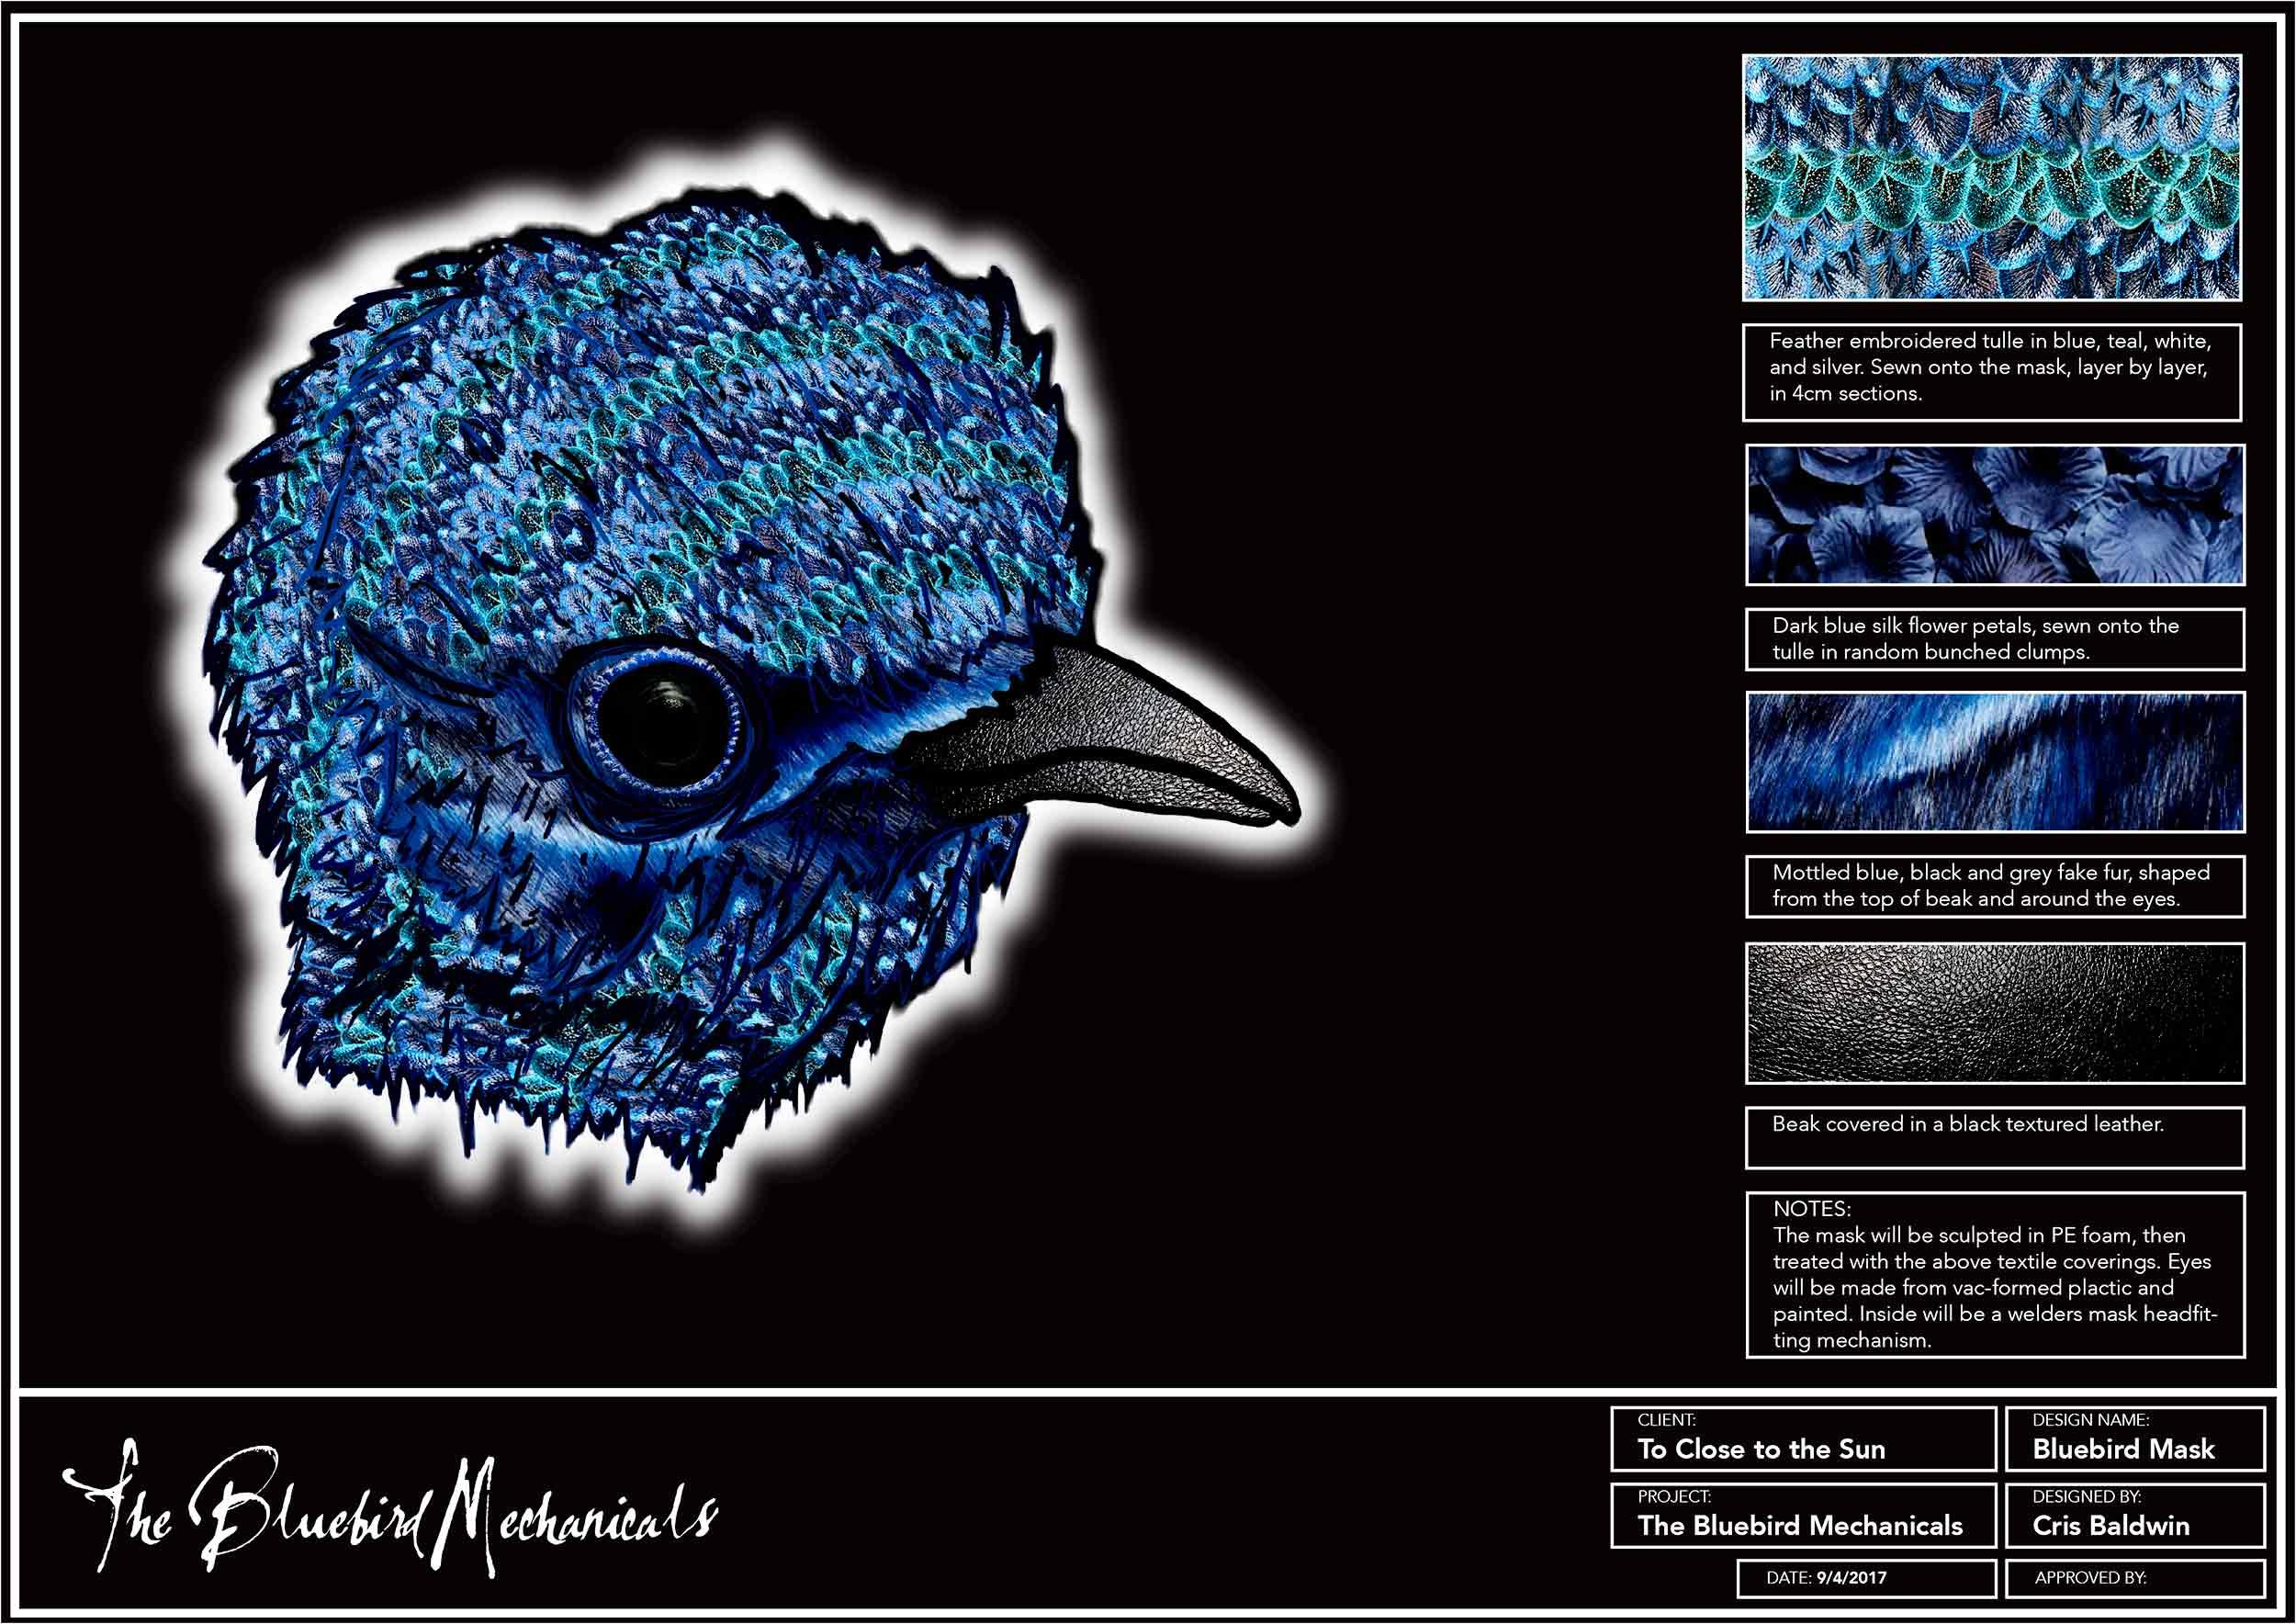 BLUEBIRD-MECHANICALS-6-CRIS-BALDWIN.jpg